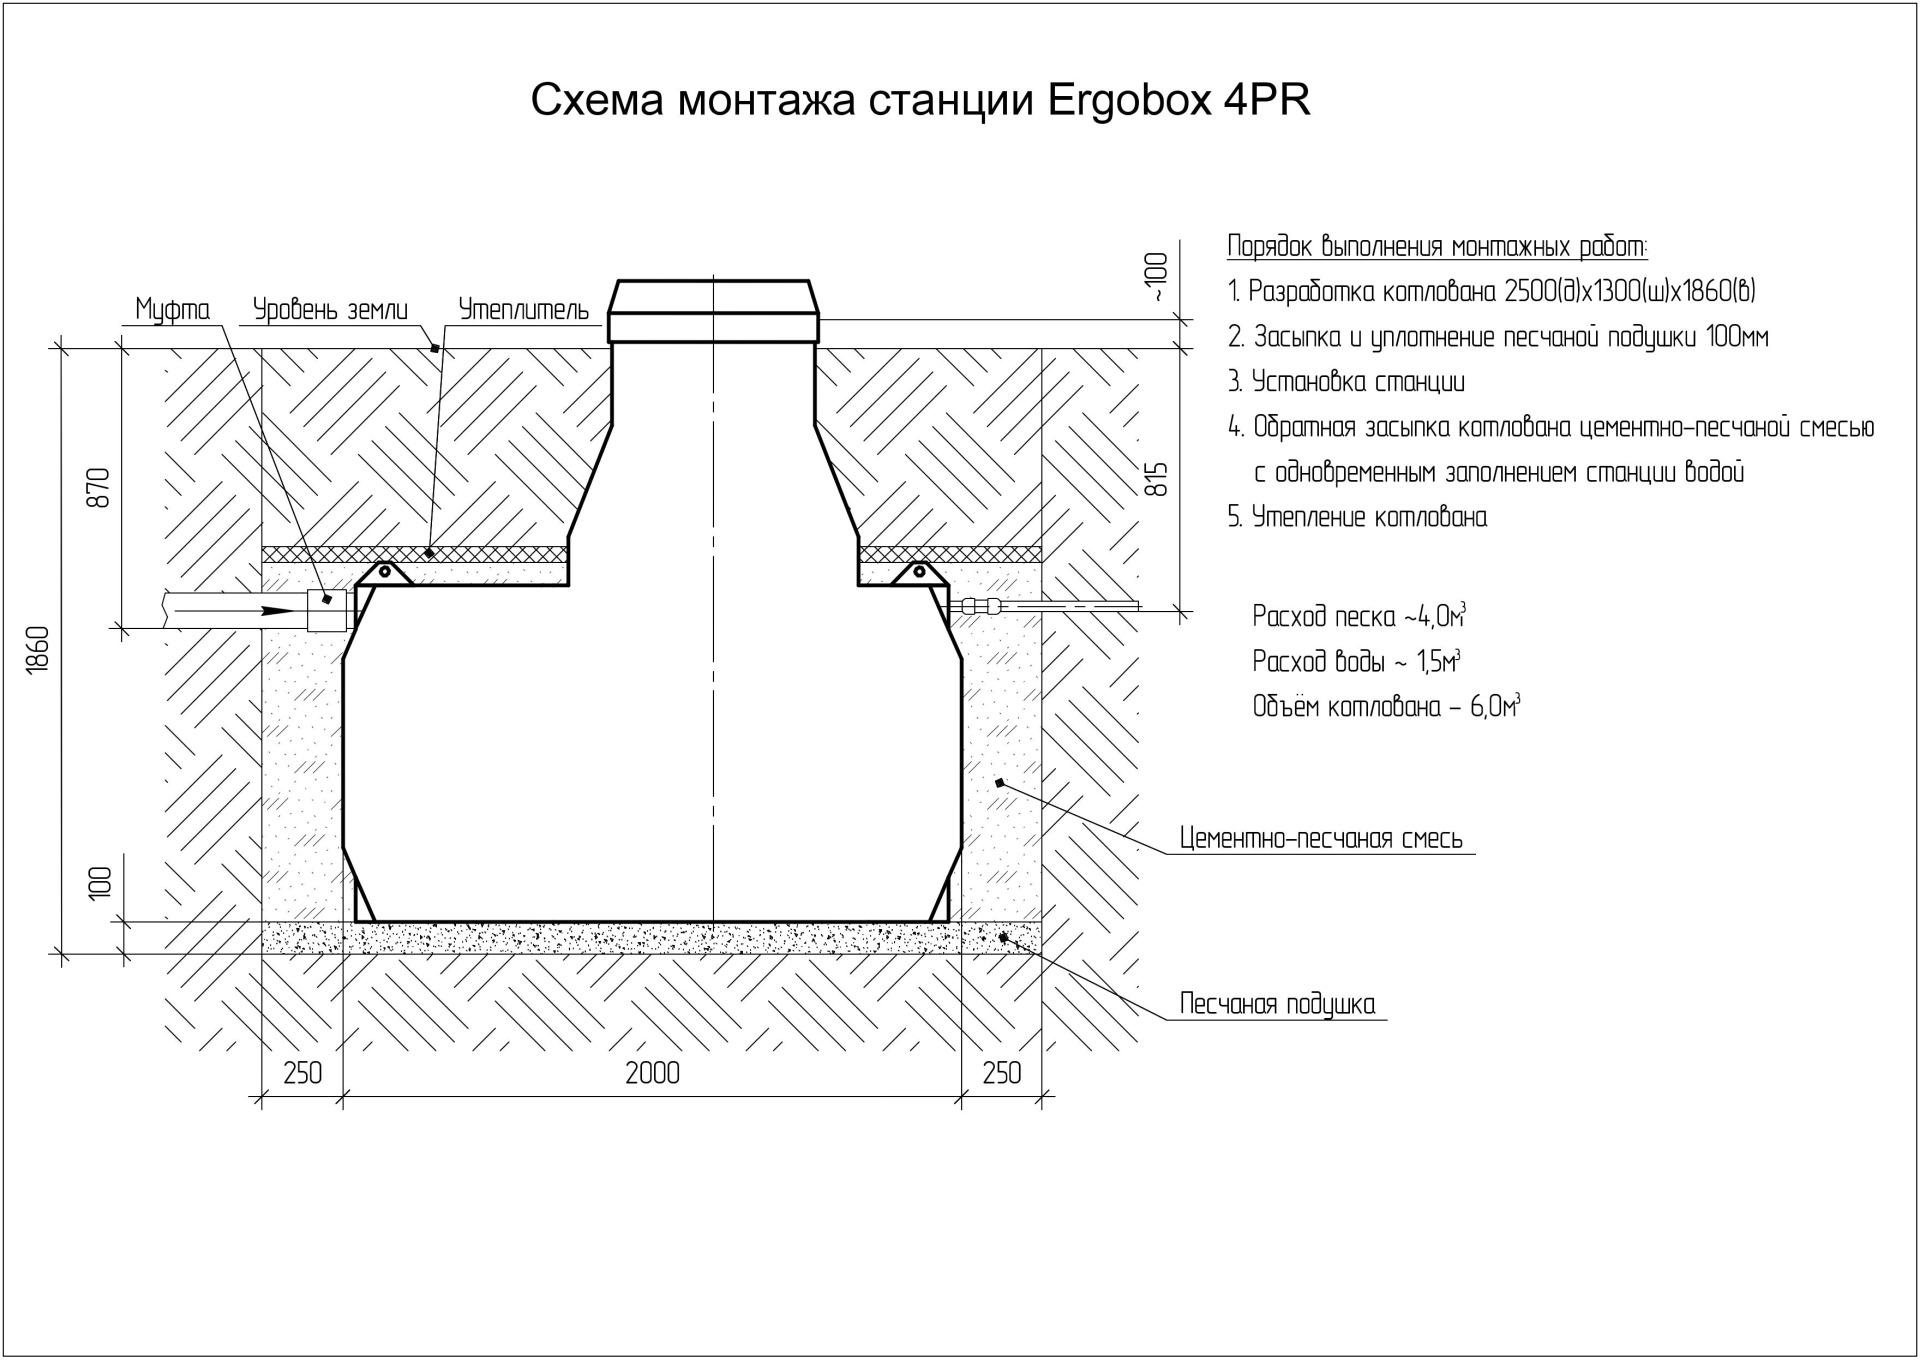 Монтажная схема Эргобокс 4 PR